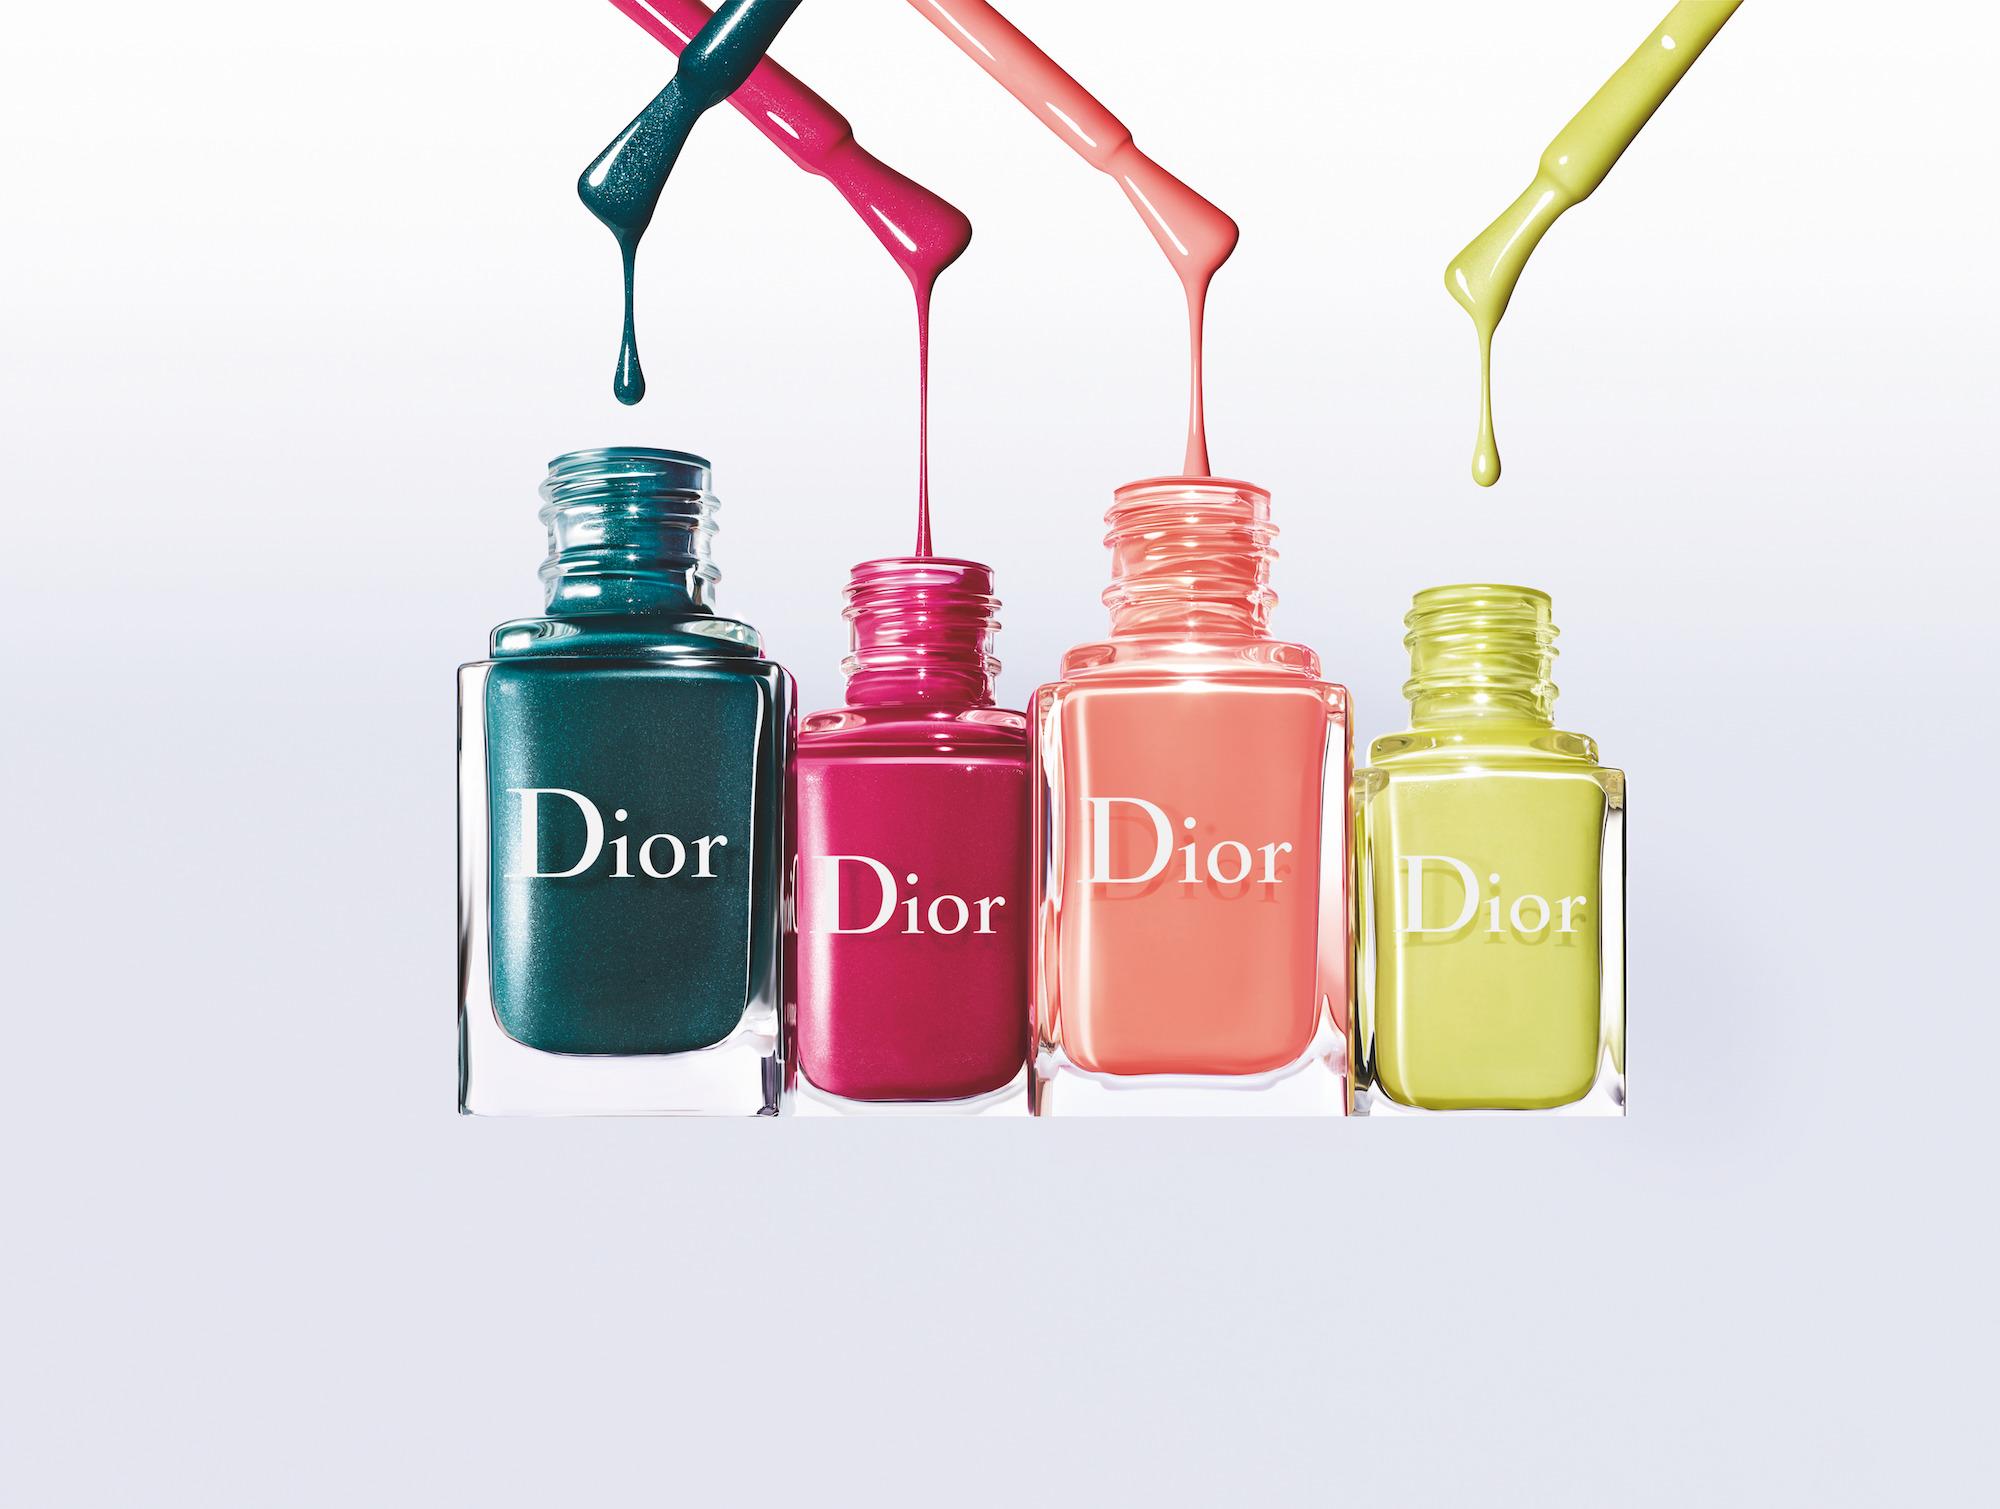 Dior make up primavera 2017, rossetti, smalti, gloss e ombretti di tendenza, foto e prezzi